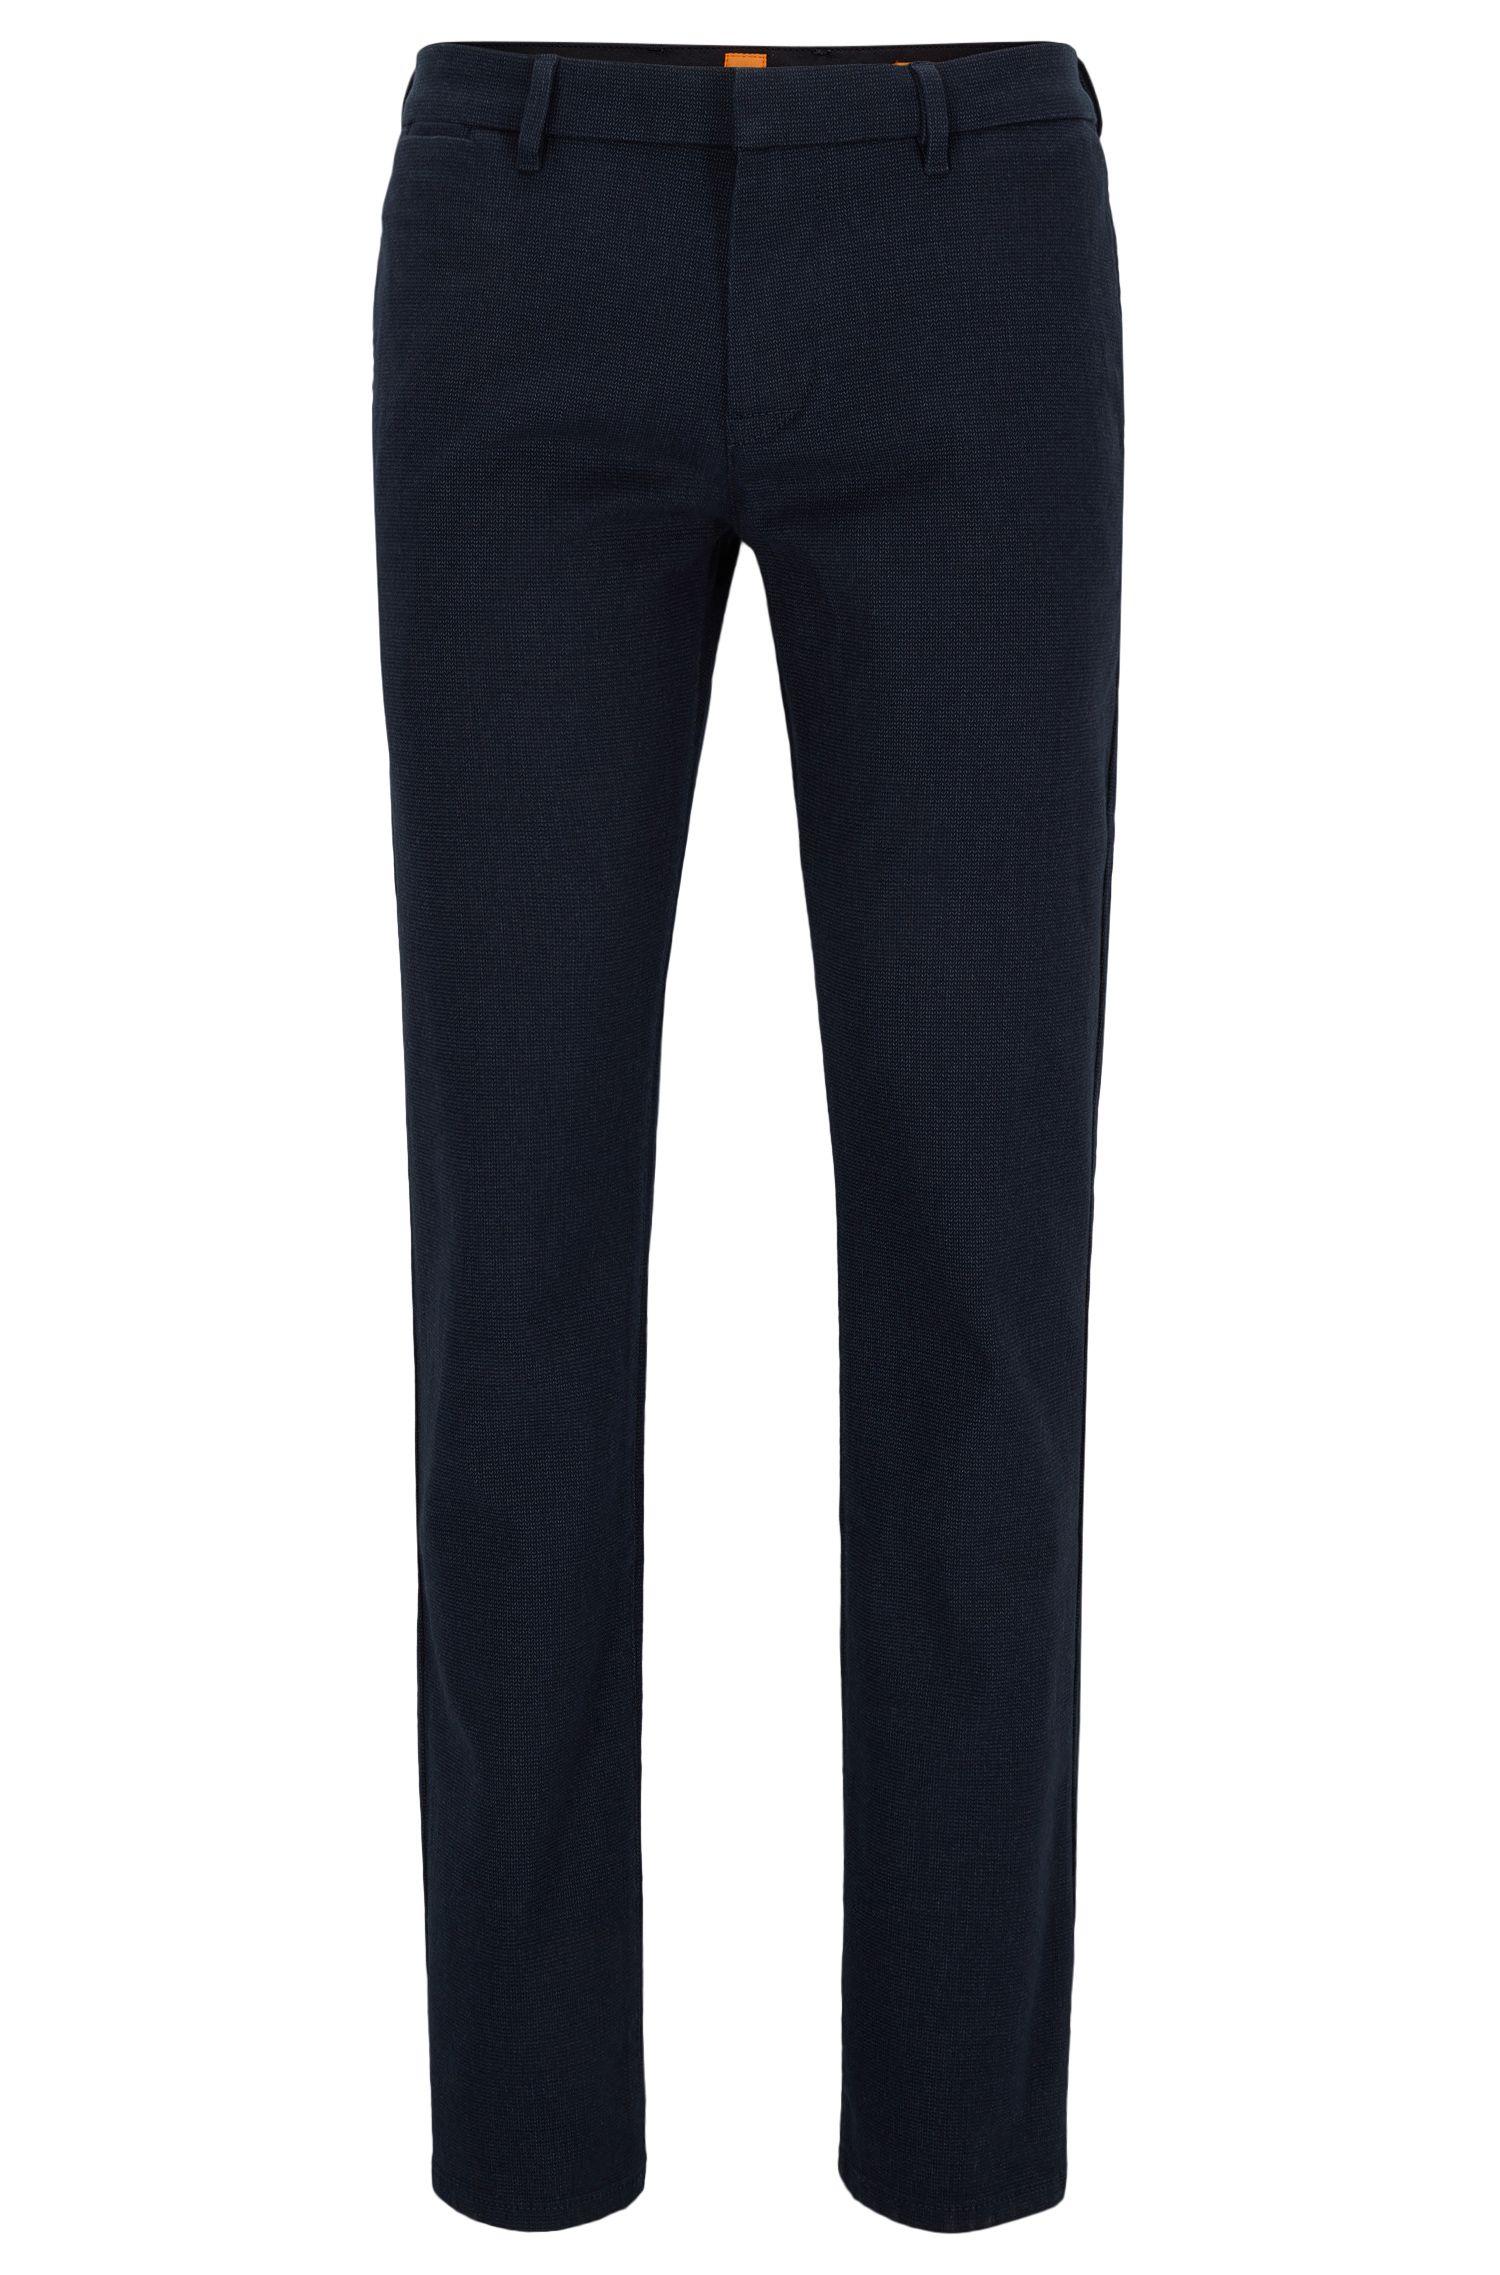 Pantalones slim fit en mezcla de algodón